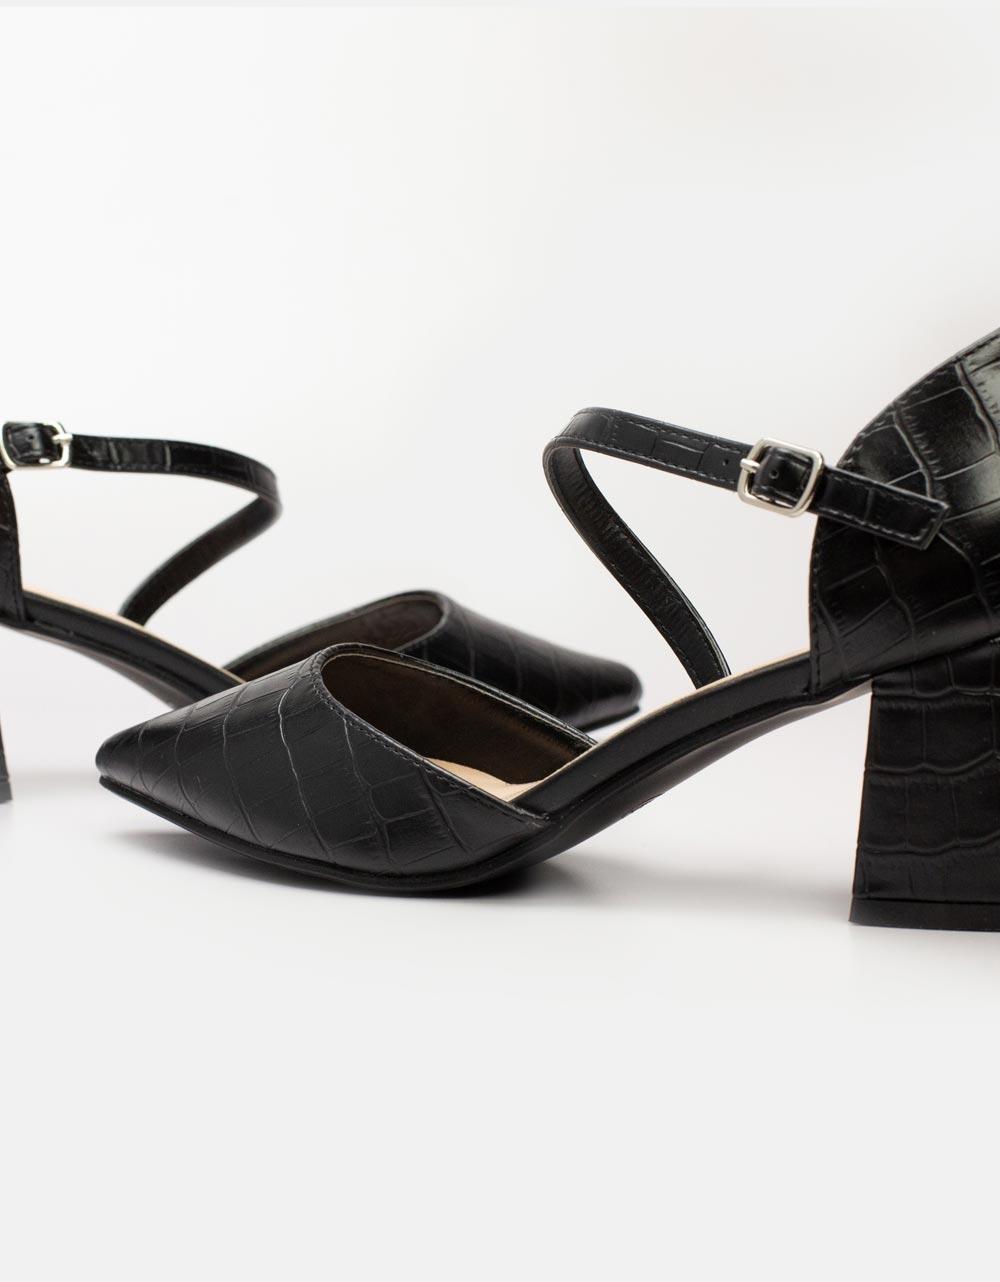 Εικόνα από Γυναικείες γόβες με κροκό μοτίβο Μαύρο